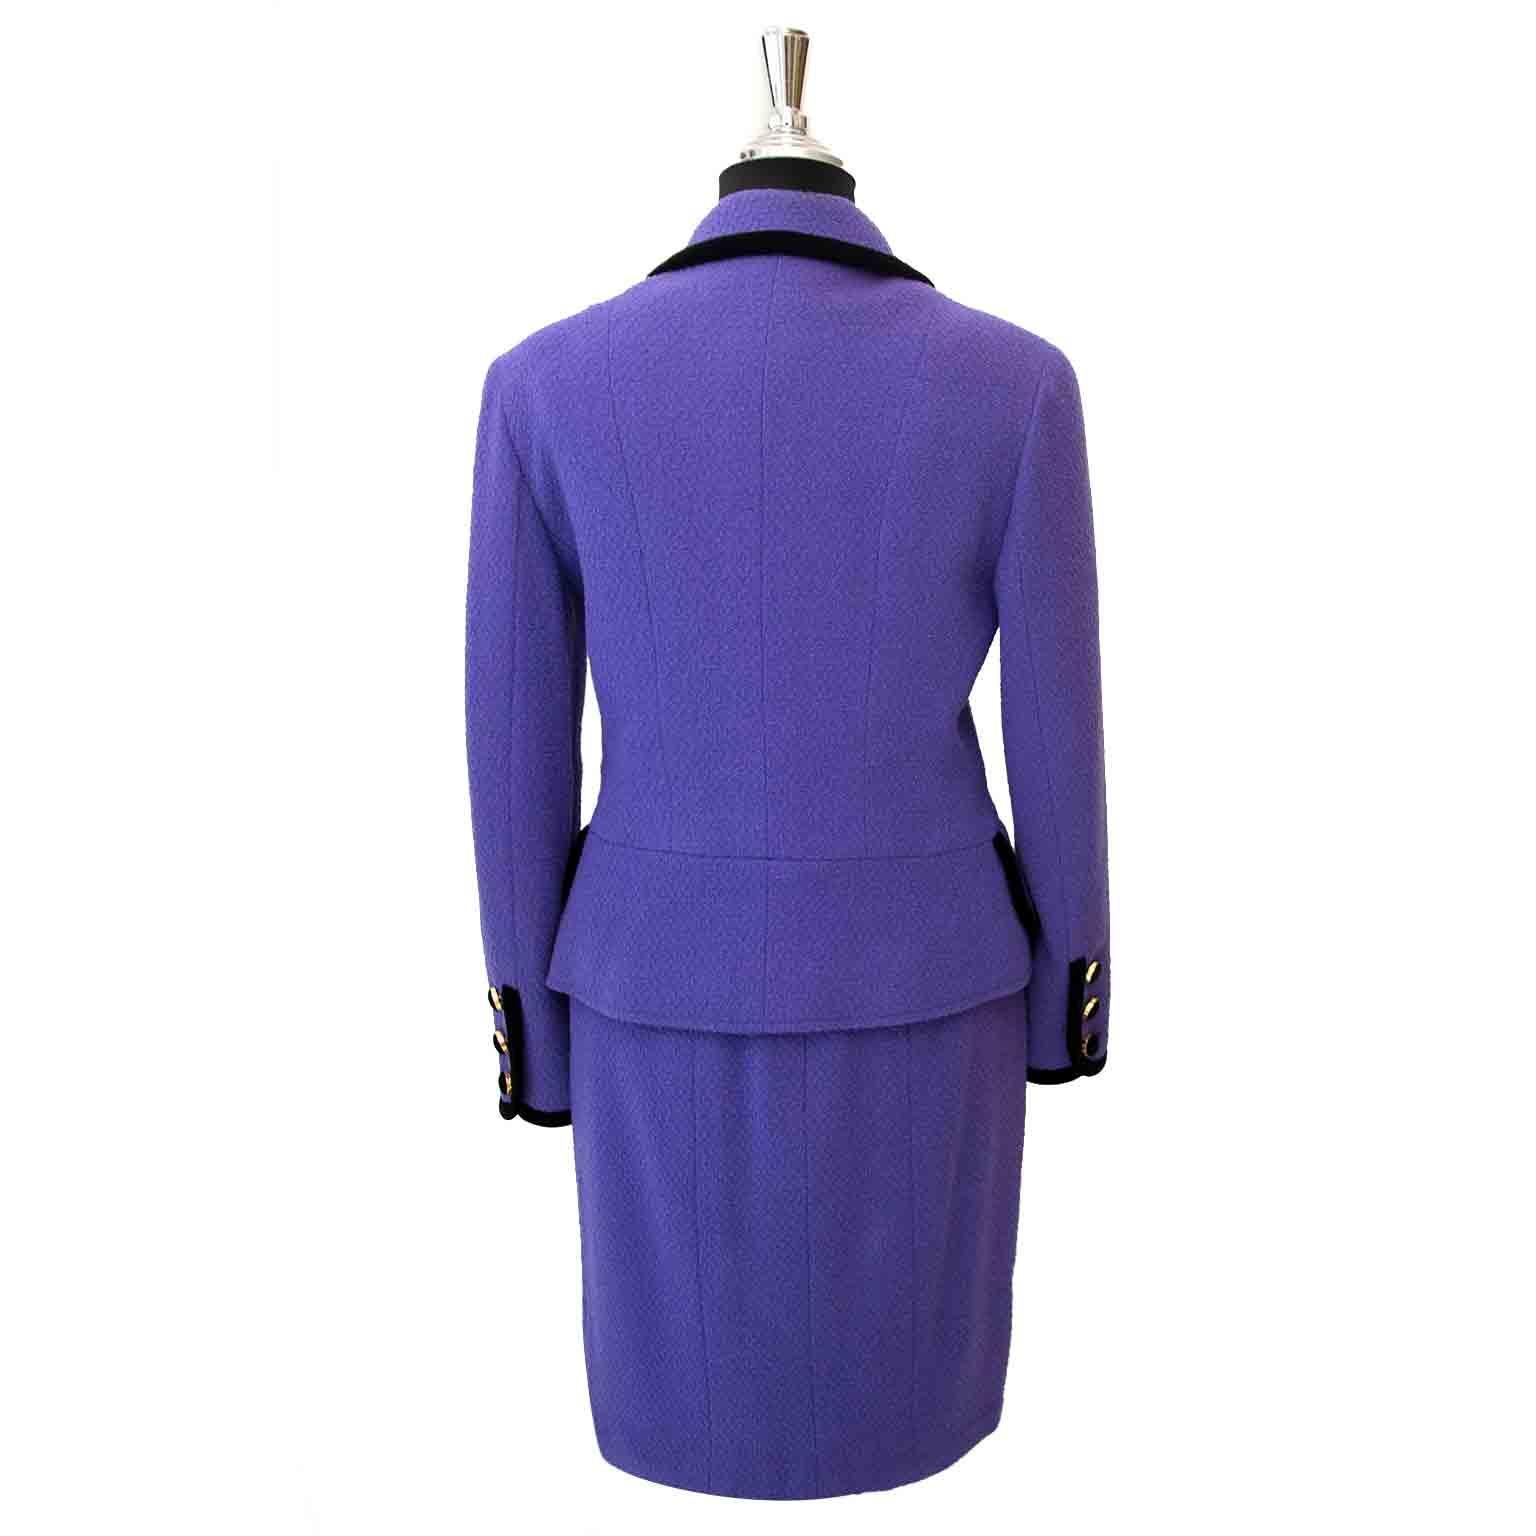 Bent u opzoek naar een Chanel Purple Tailleur Set?